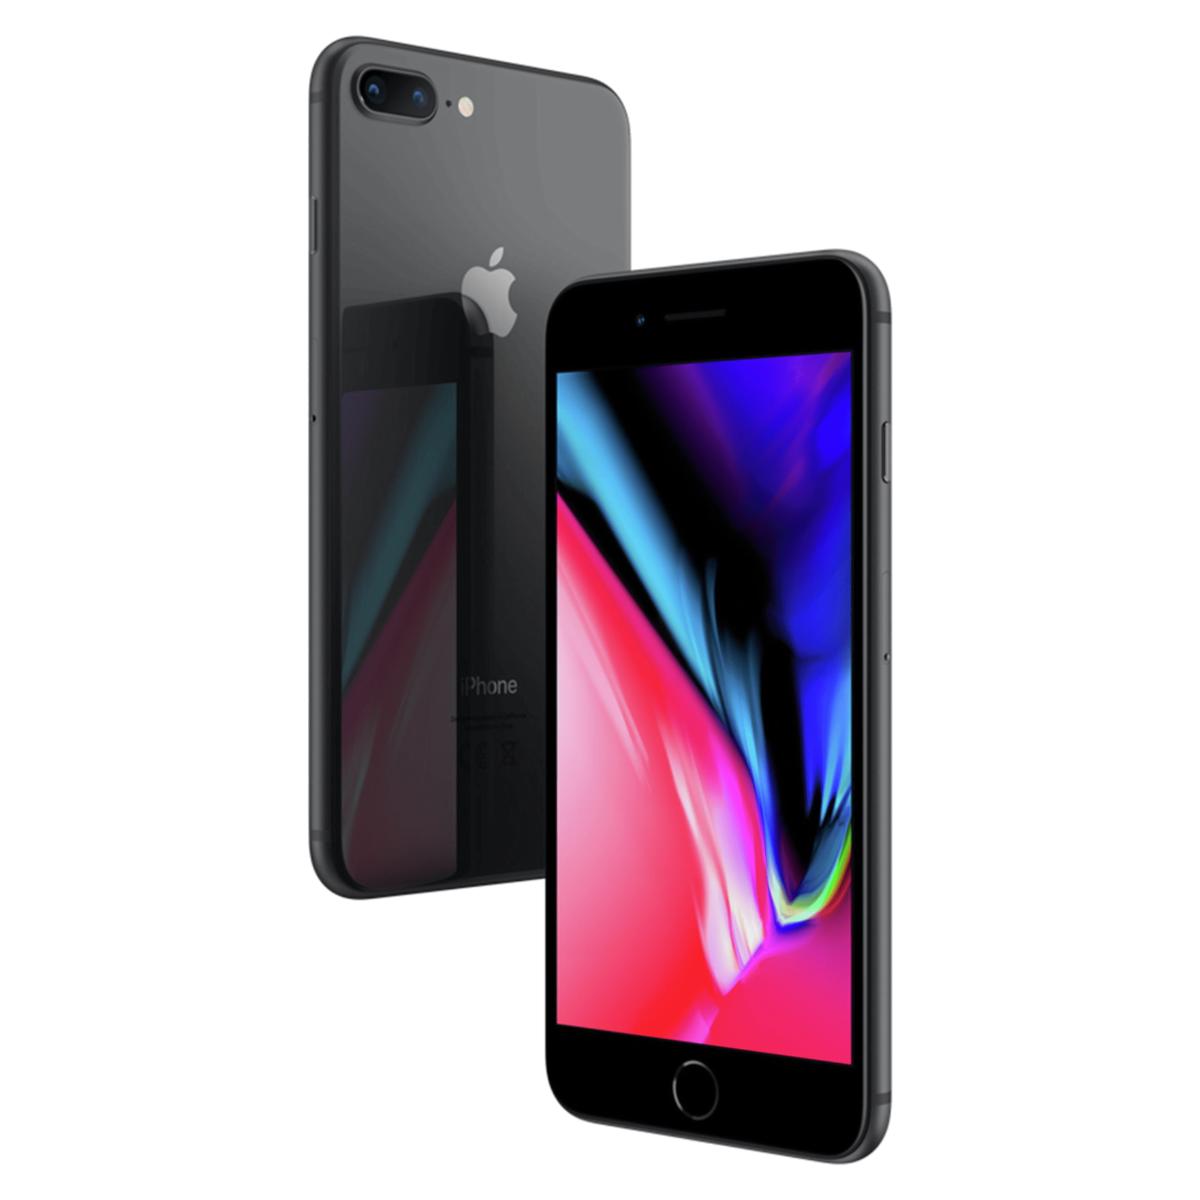 Sim Free Apple iPhone 8 Plus 64GB Unlocked Mobile Phone - Space Grey